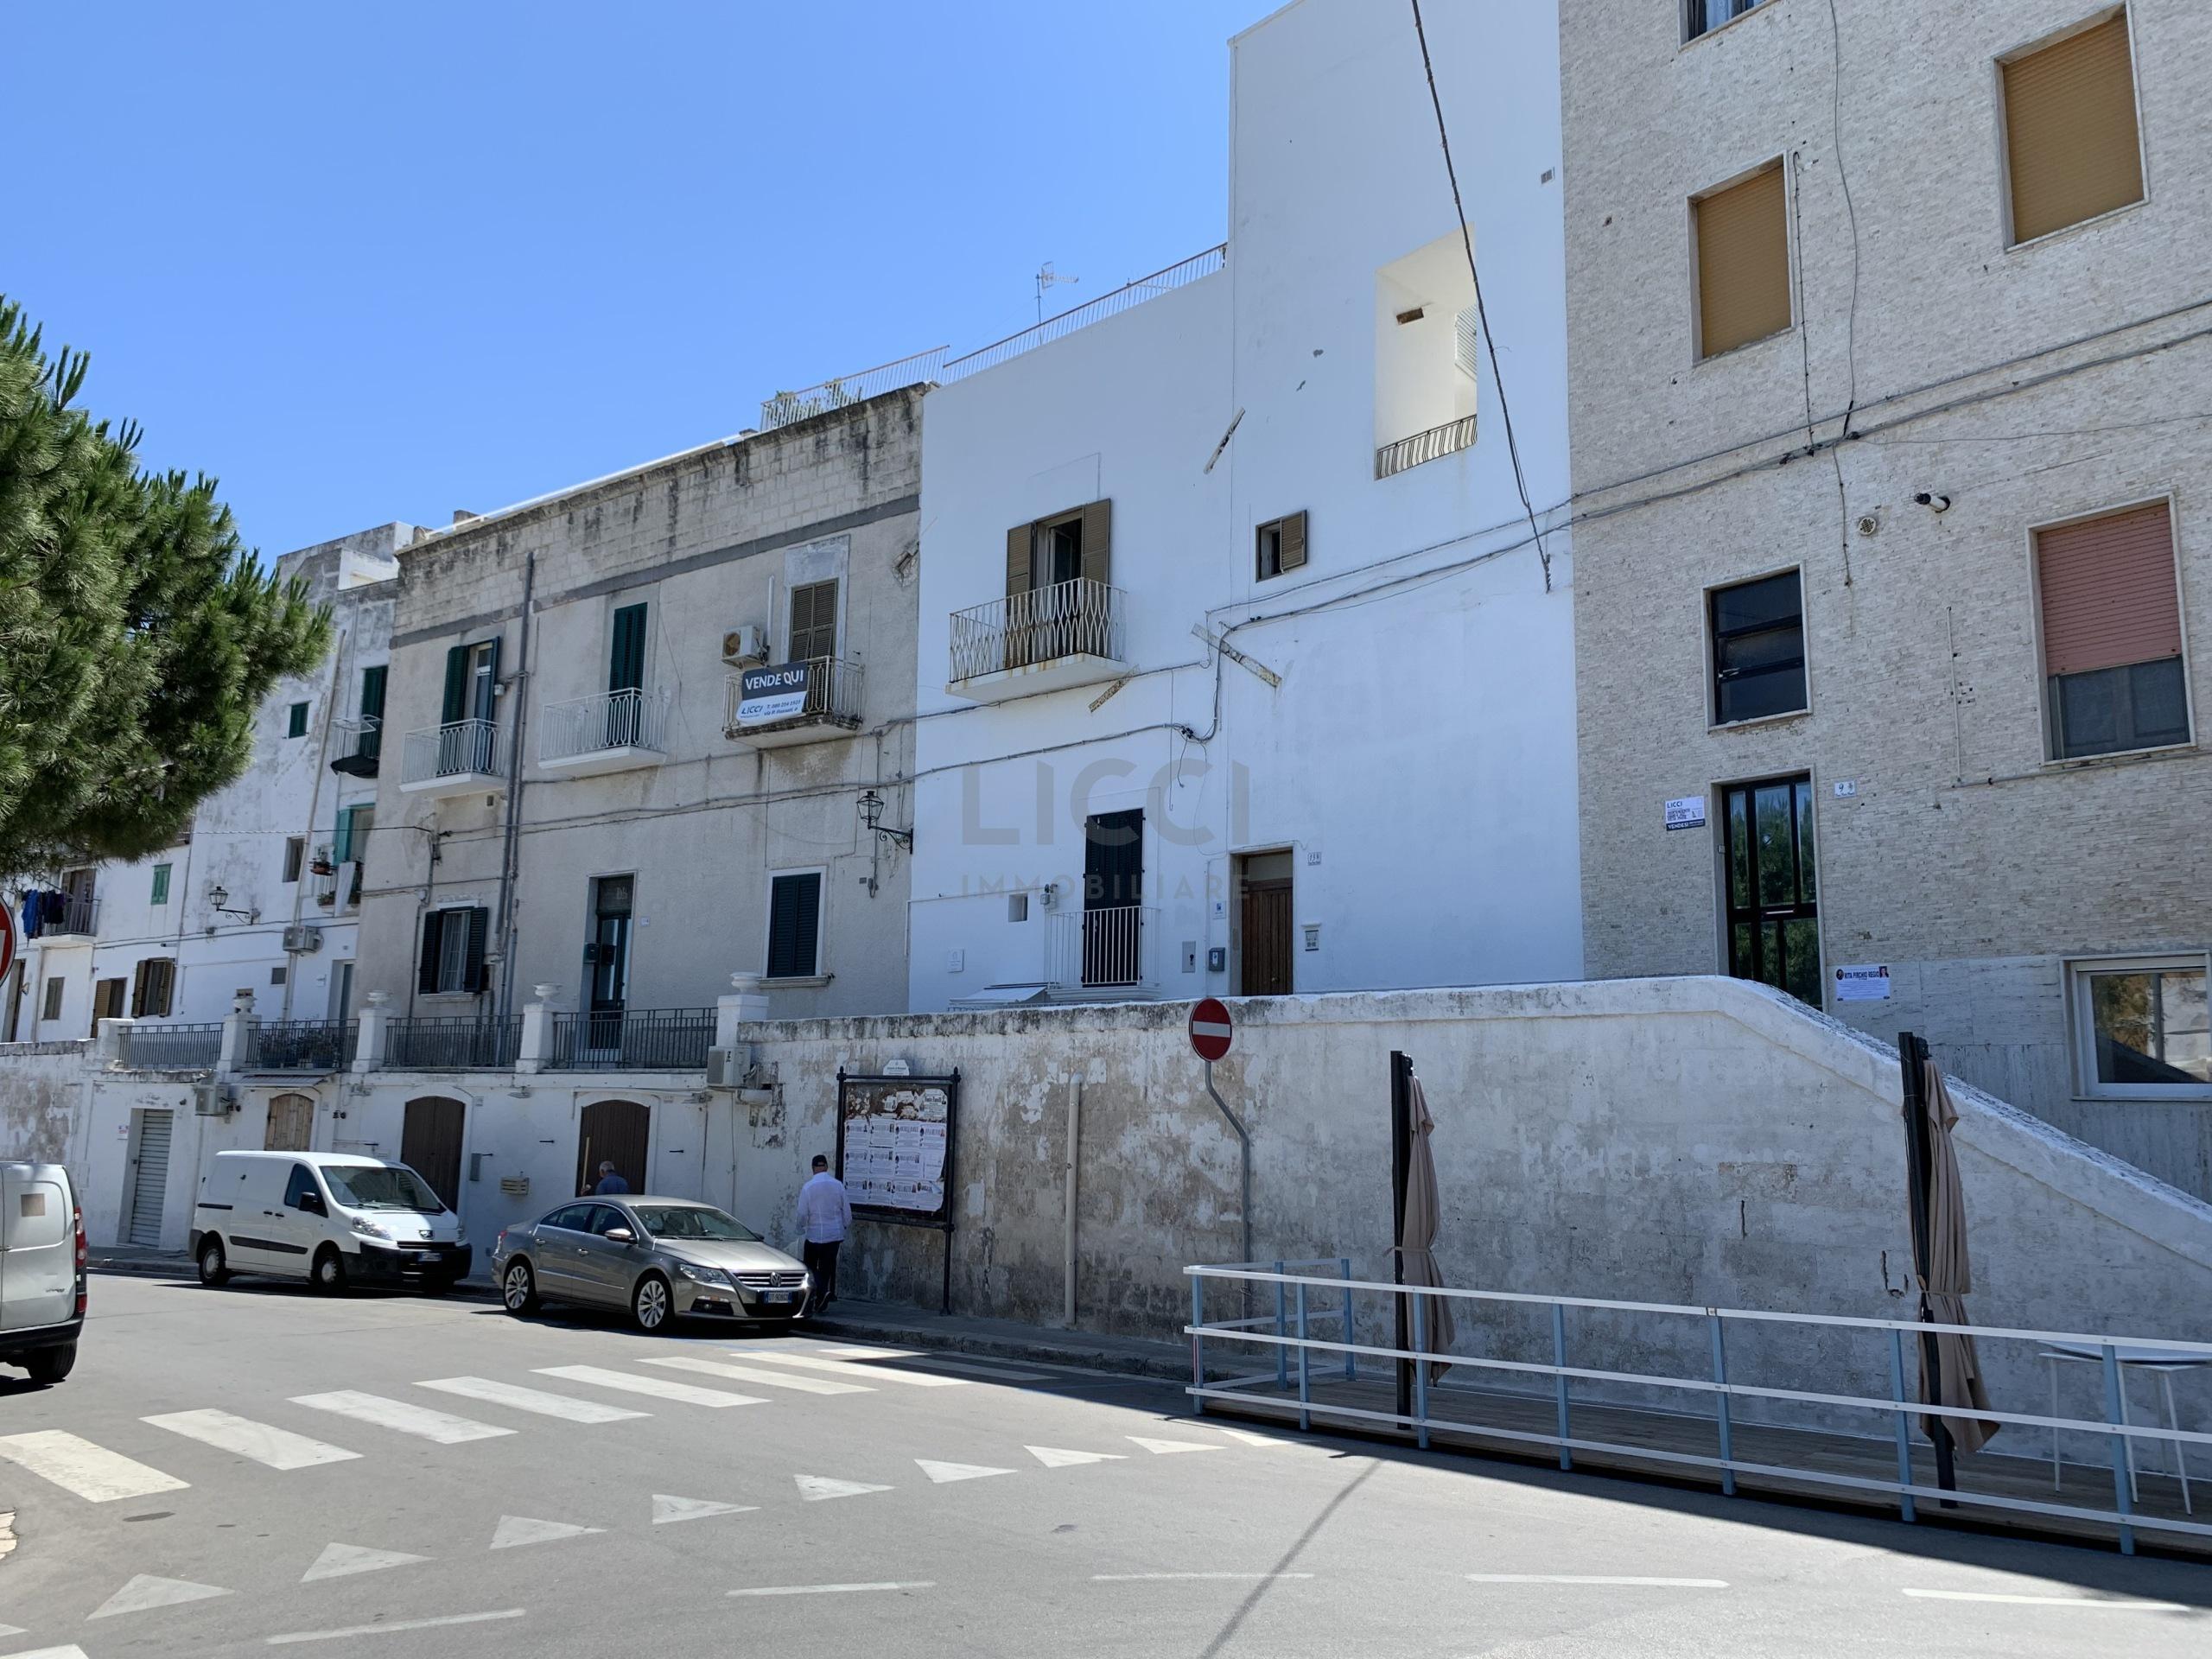 Indipendente a Monopoli Corso Pintor Mameli 9, Centro Storico